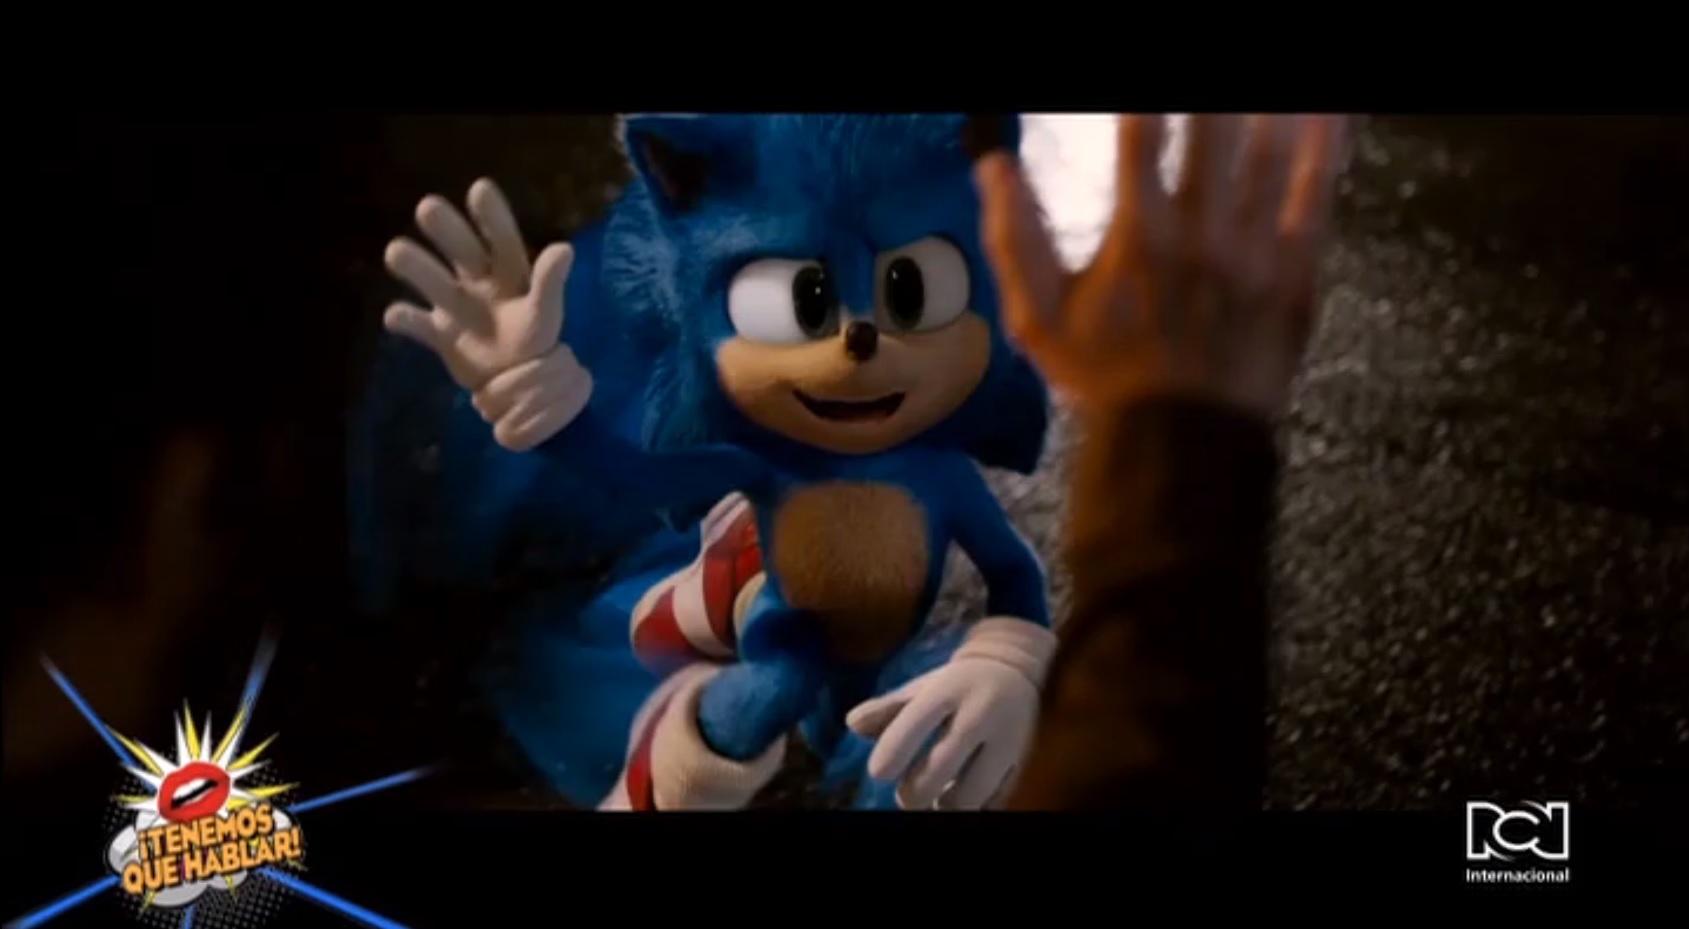 'Sonic The hedgehog' llegará el próximo 14 de febrero a salas de cine de EE.UU